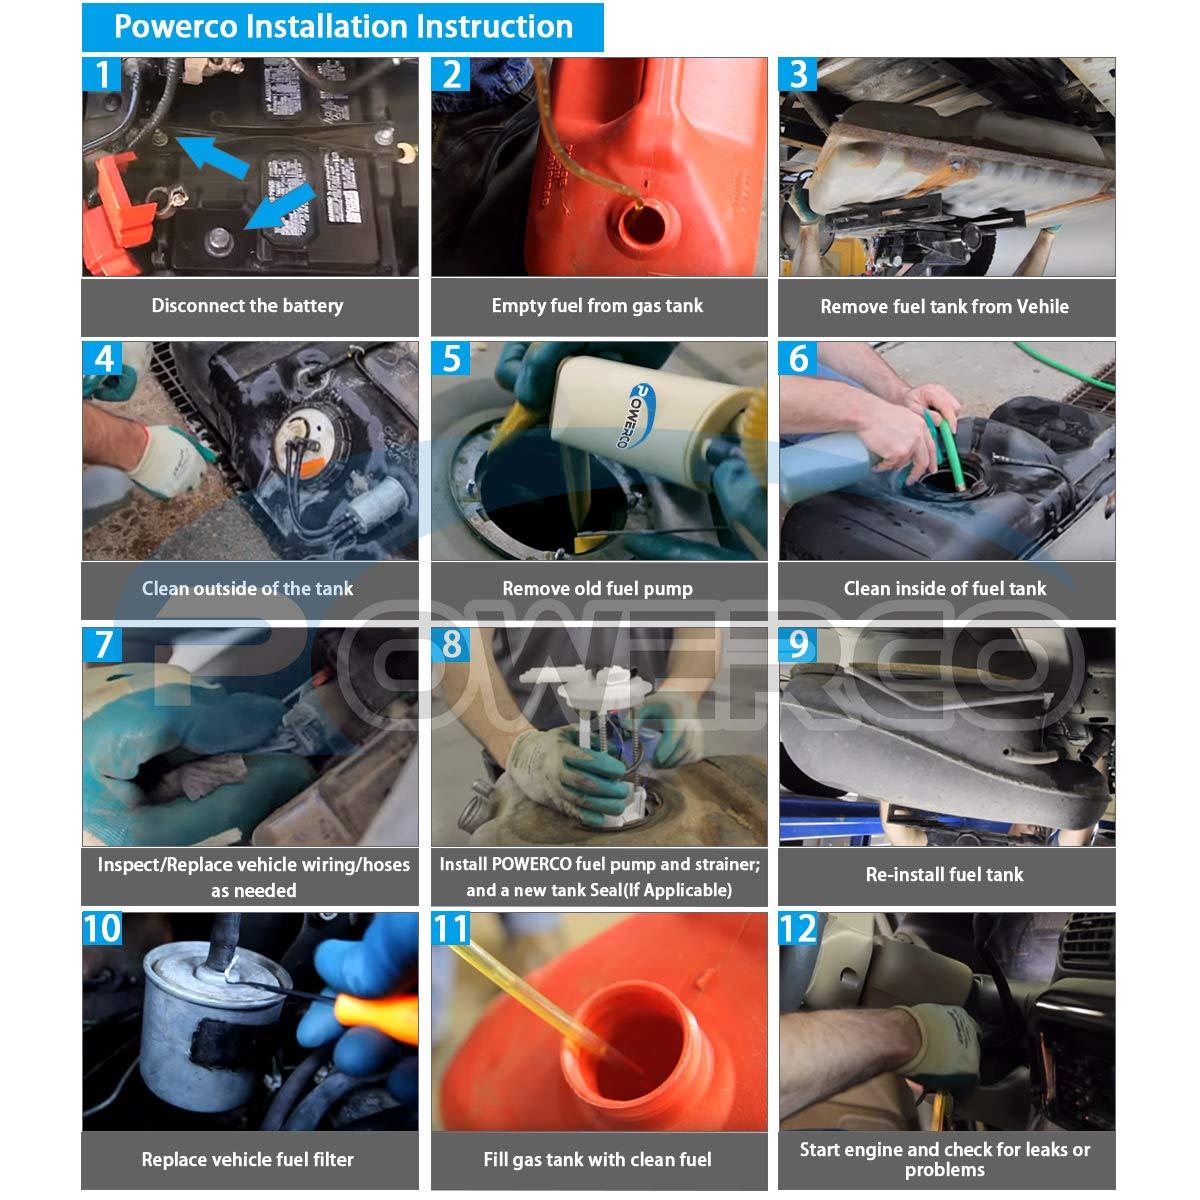 Amazon.com: POWERCO Gas Fuel Pump Assembly Replacement For 2004 2005 2006 2007 Dodge Durango 5.7 4.7 3.7 W/Sending Unit E7184M: Automotive